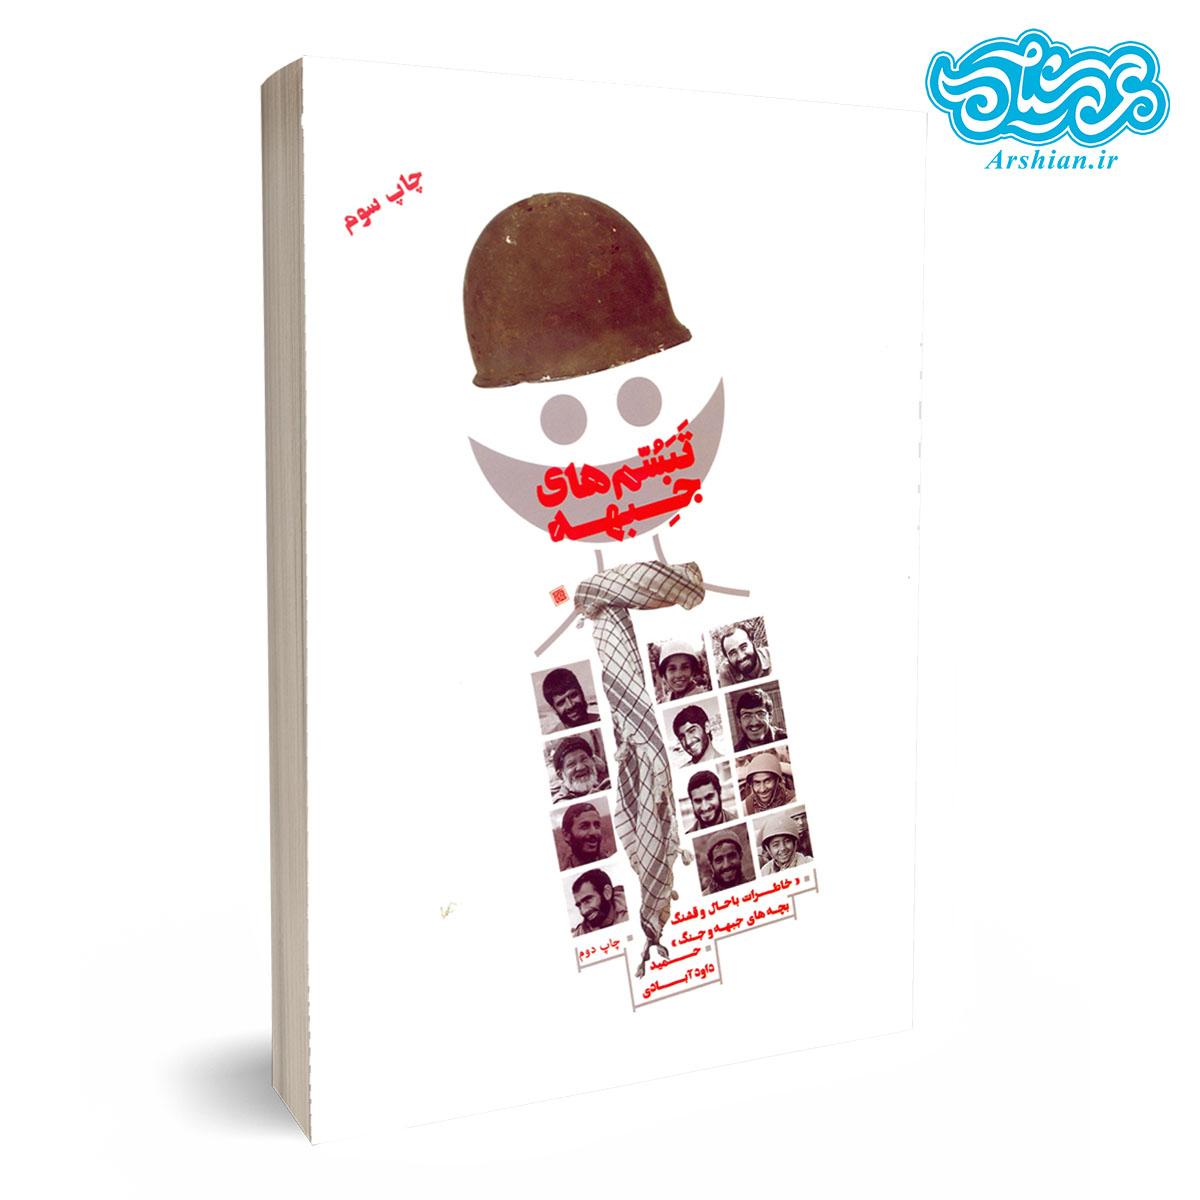 کتاب تبسم های جبهه - خاطرات باحال و قشنگ بچه های جبهه و جنگ